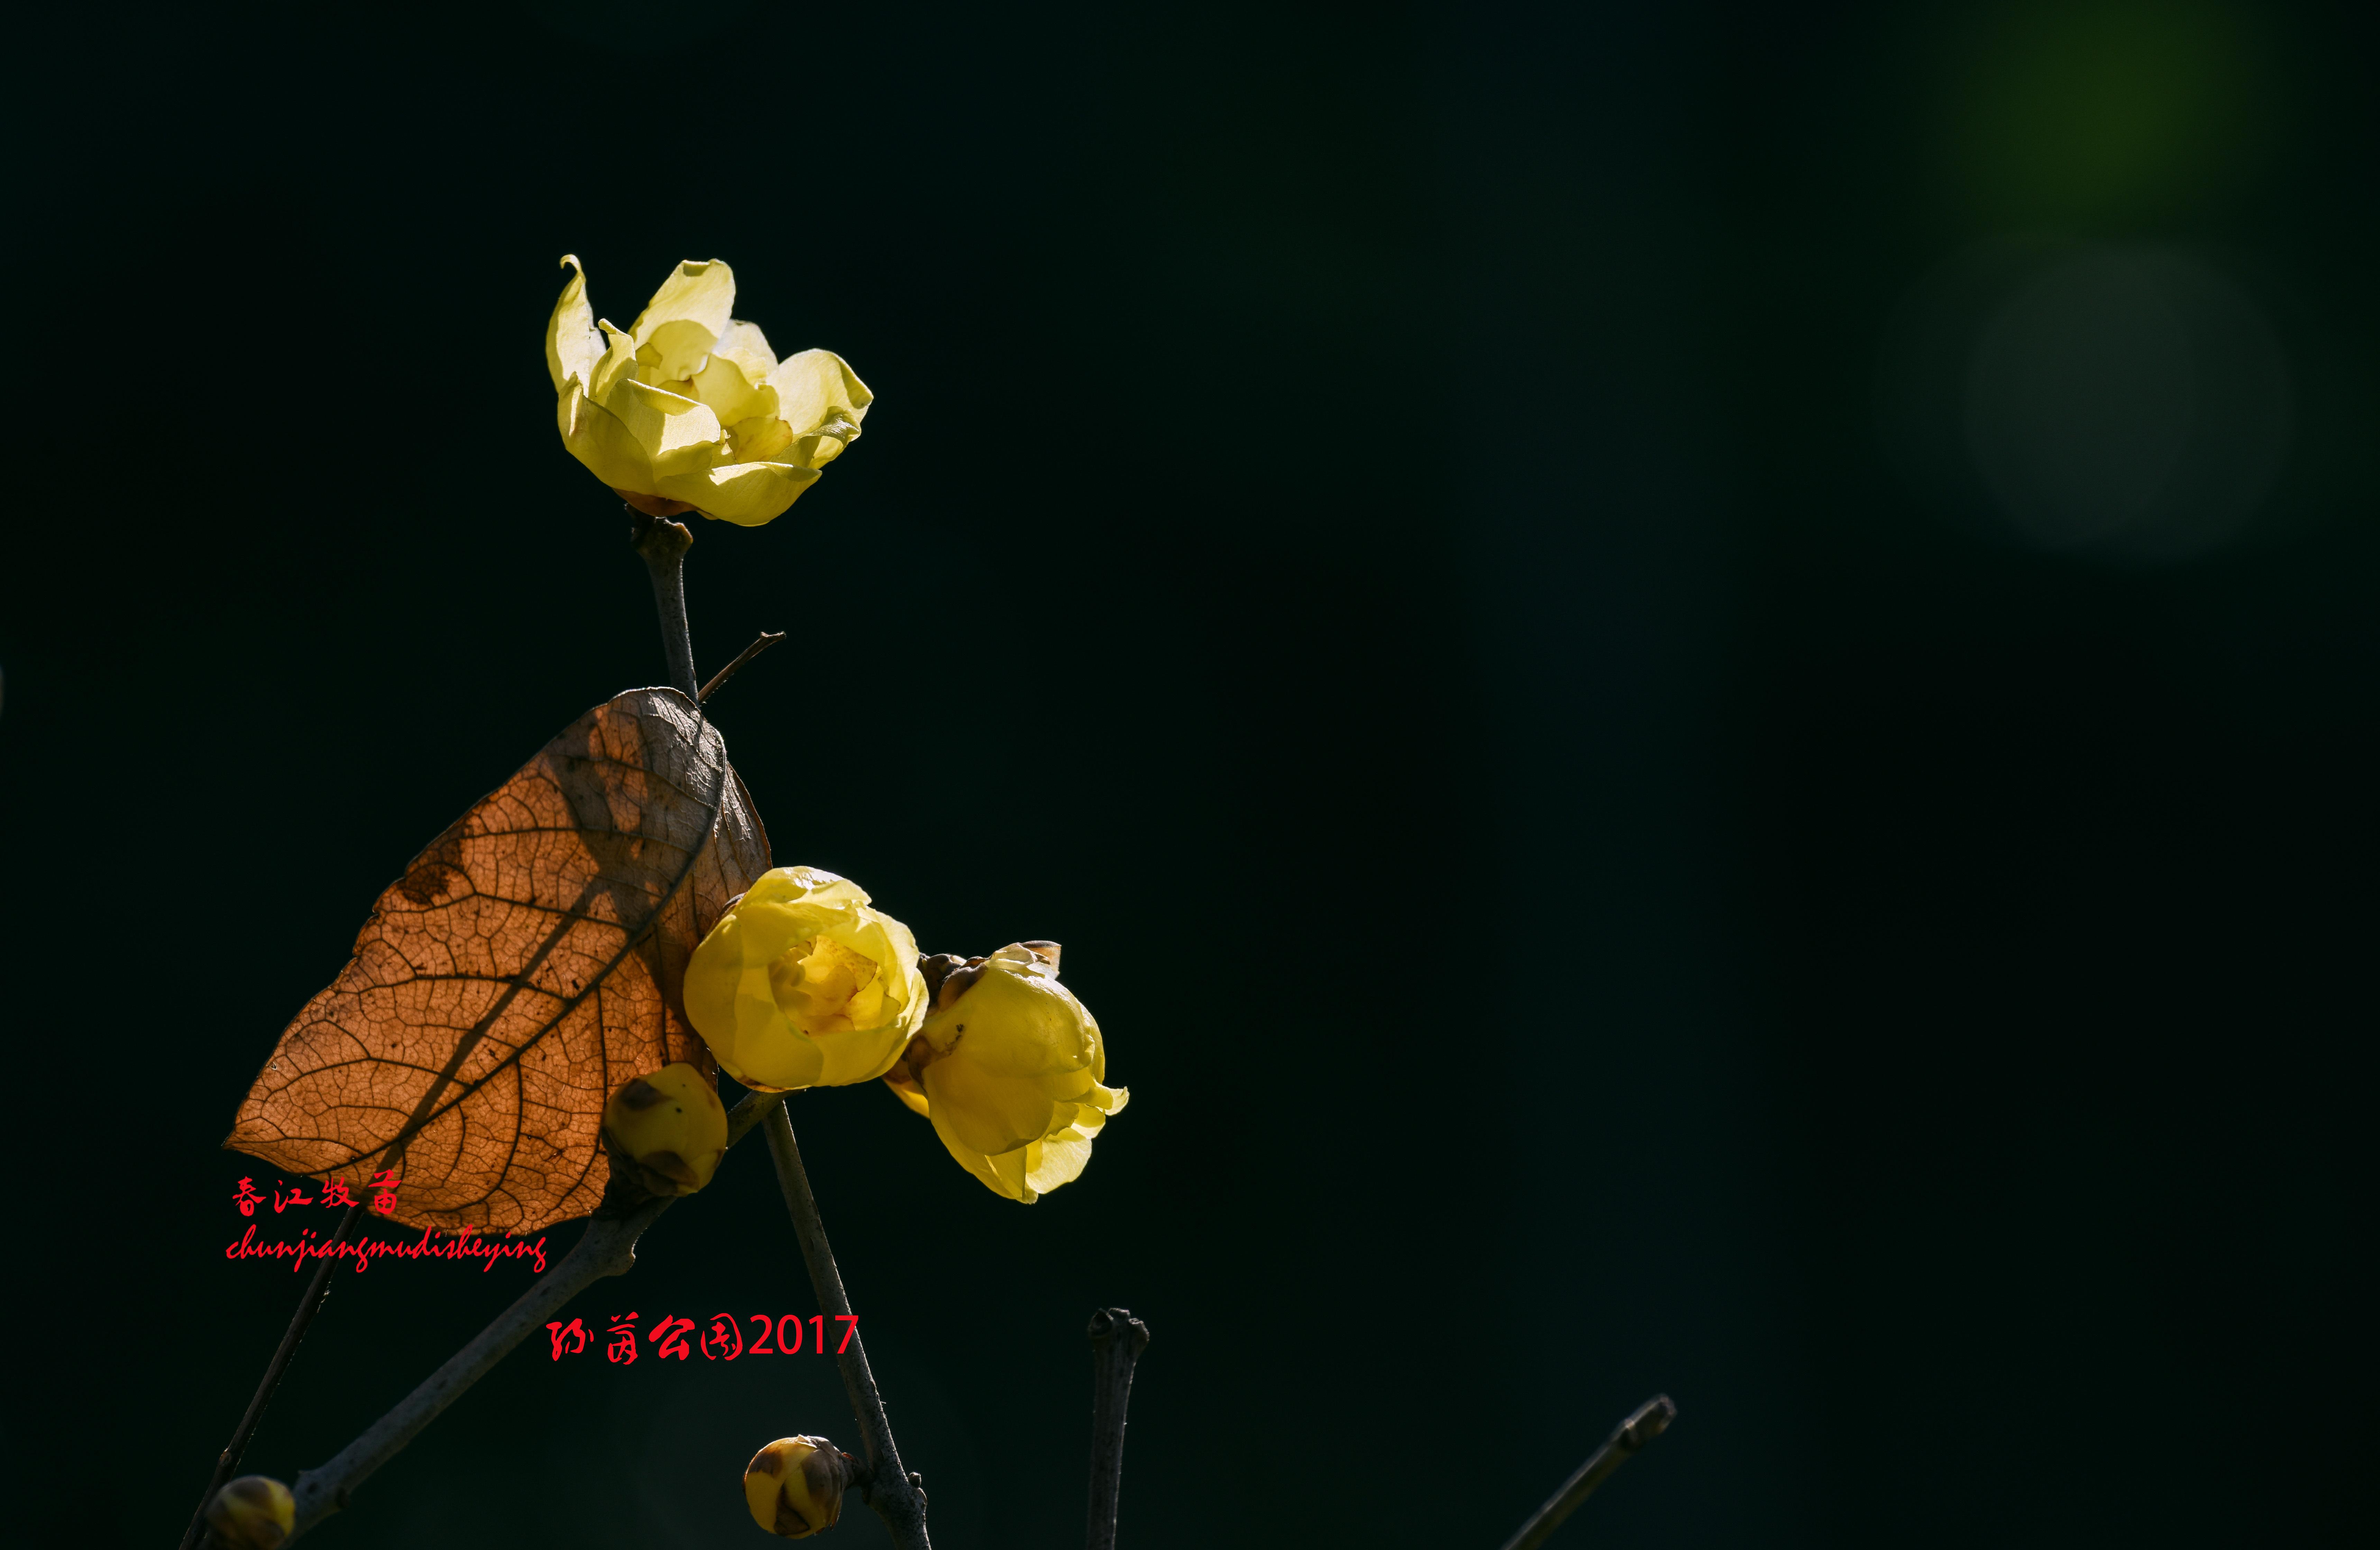 暮鼓晨钟——一朵枯萎的玫瑰花